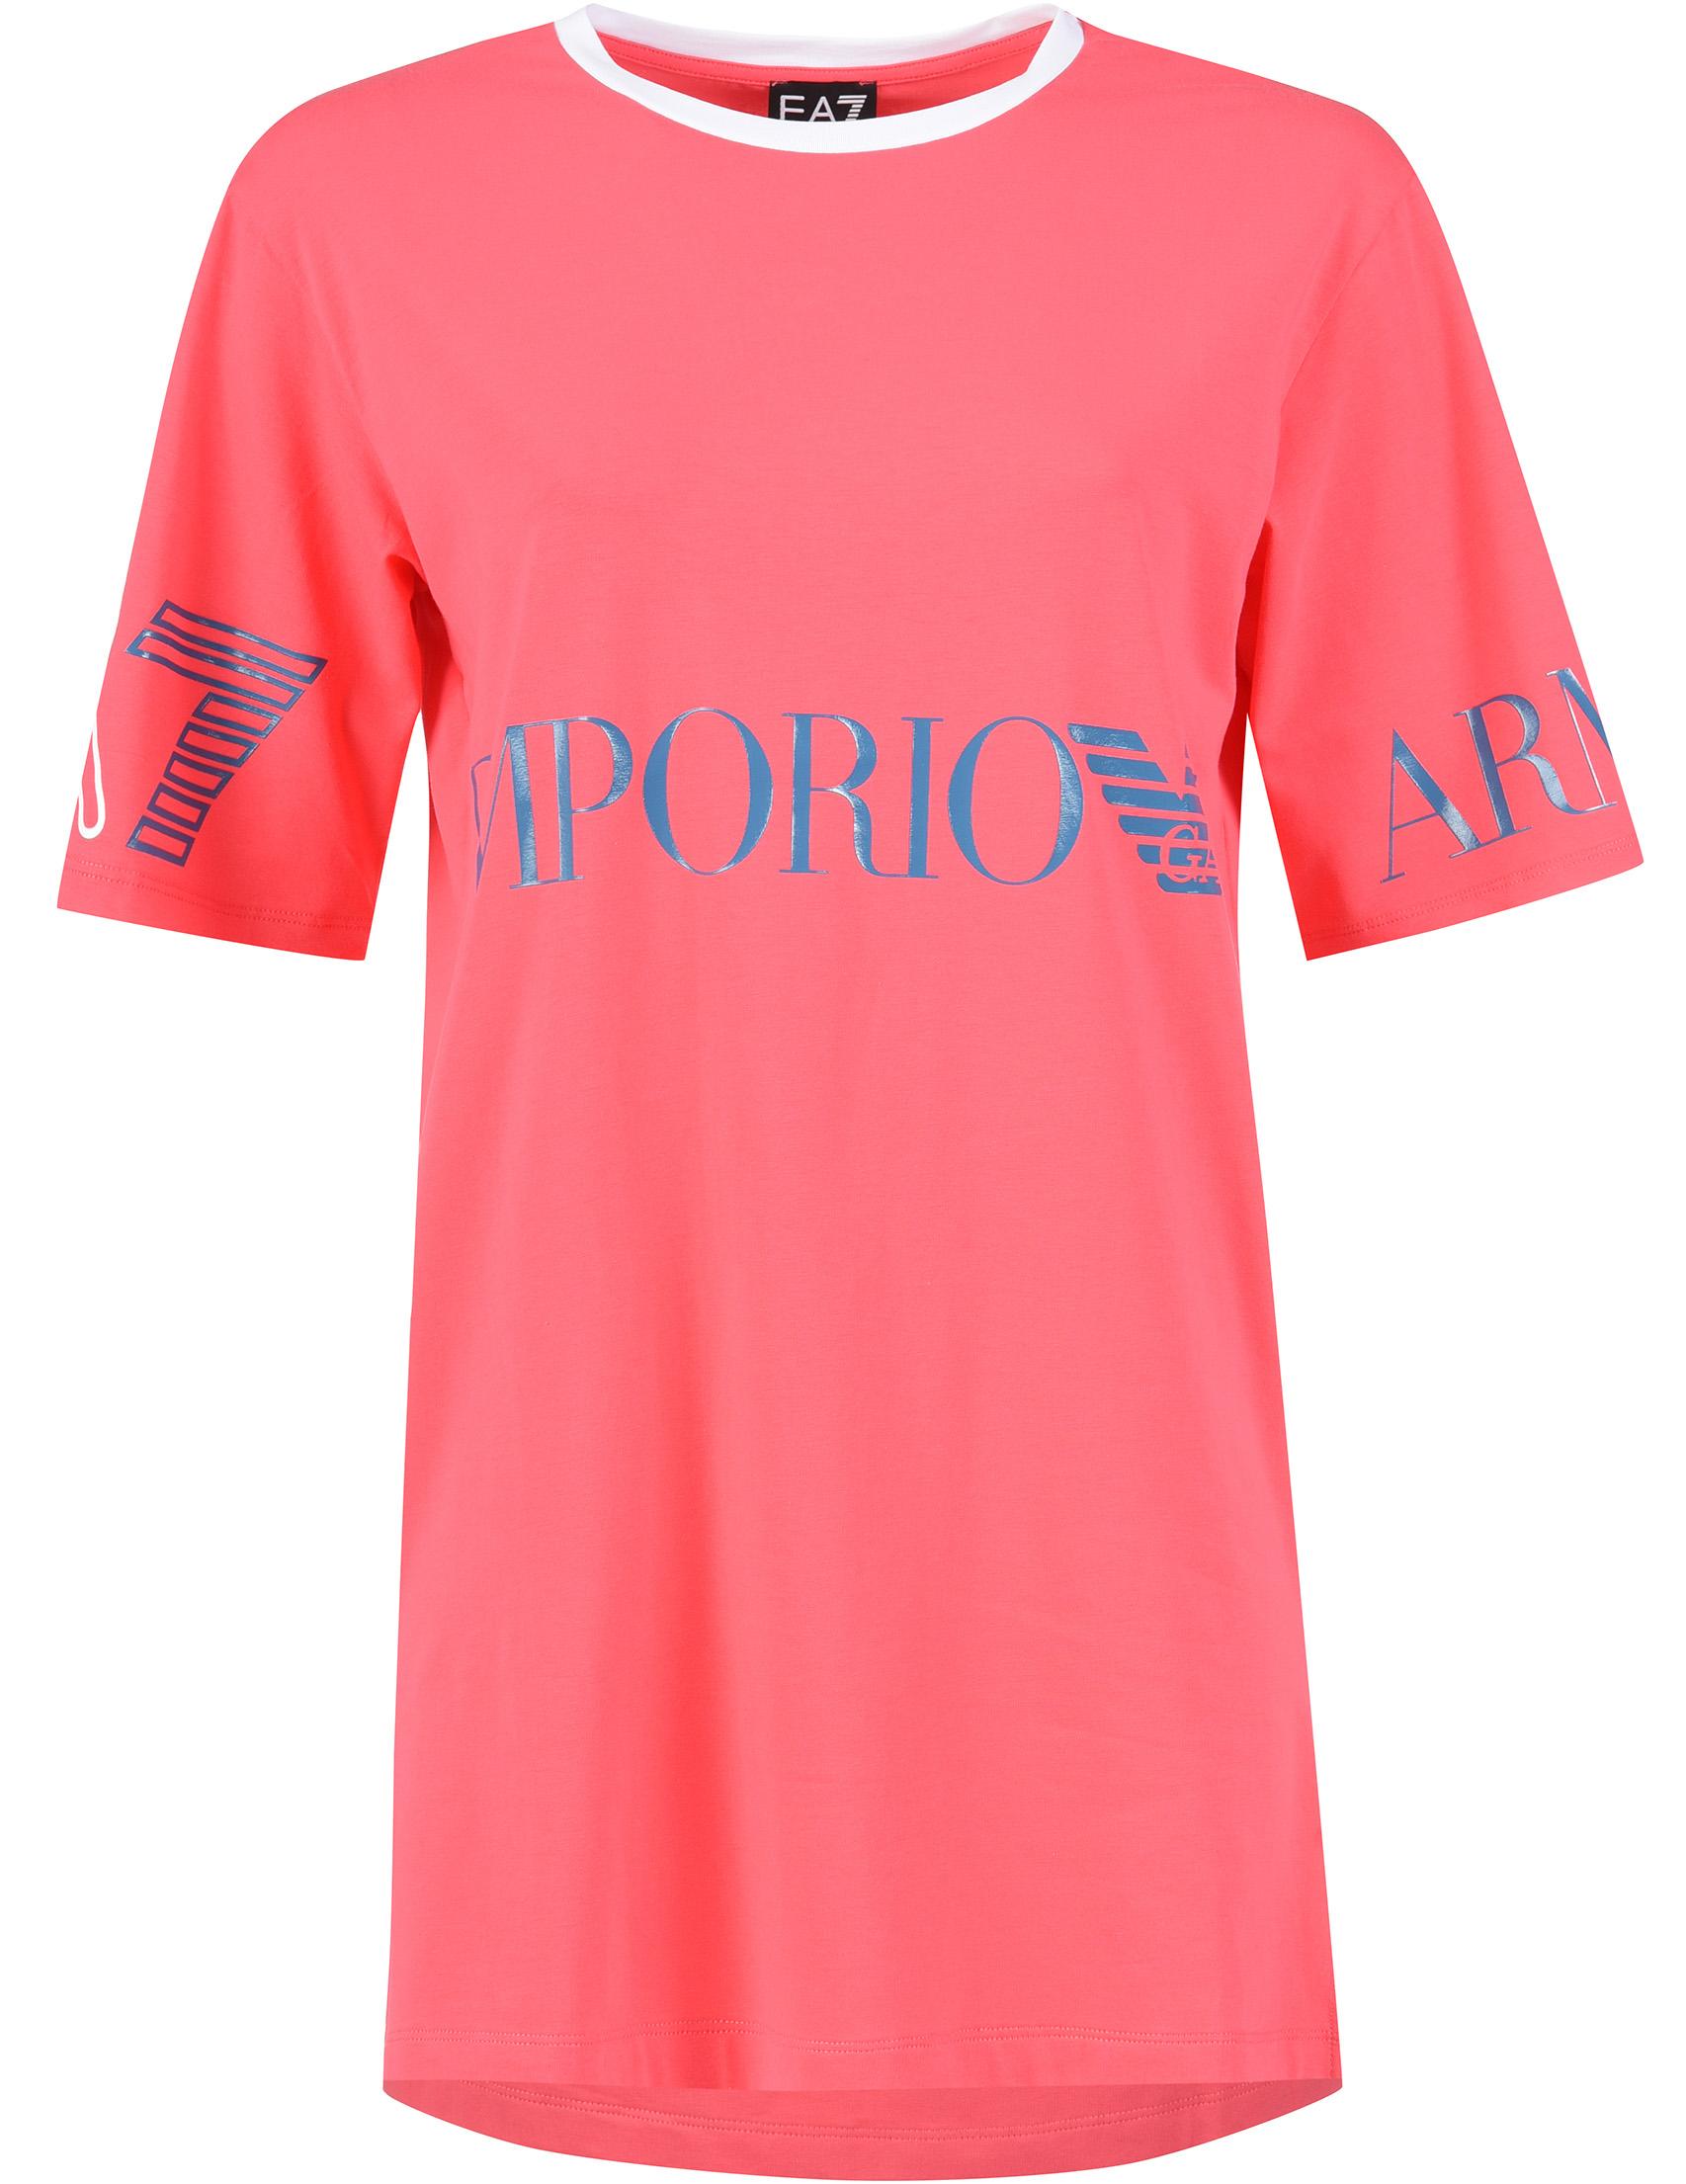 Купить Платья, Платье, EA7 EMPORIO ARMANI, Розовый, 95%Хлопок 5%Эластан, Весна-Лето